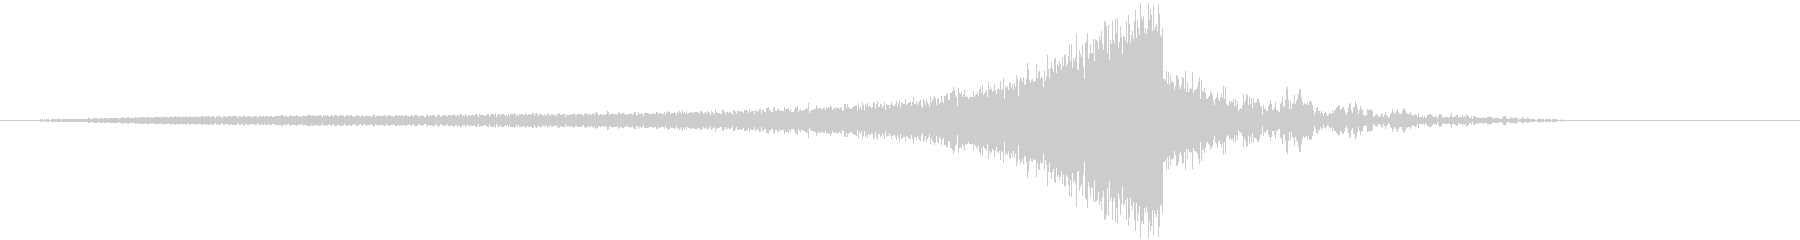 【ライザー】33 ホラーサウンド 恐怖の未再生の波形